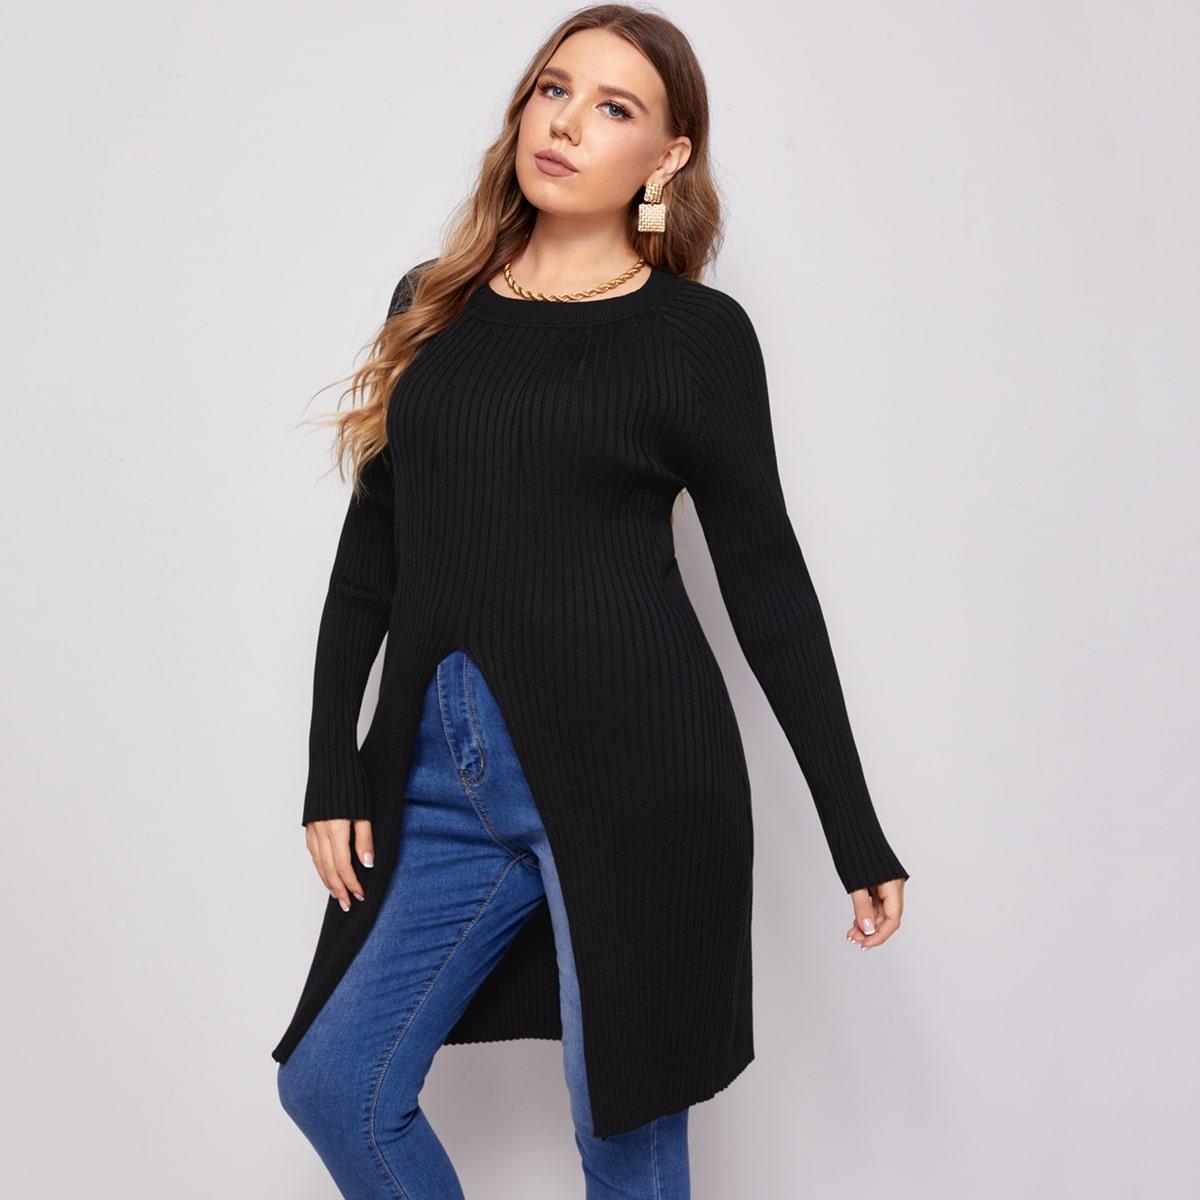 Однотонный свитер размера плюс с рукавом реглан